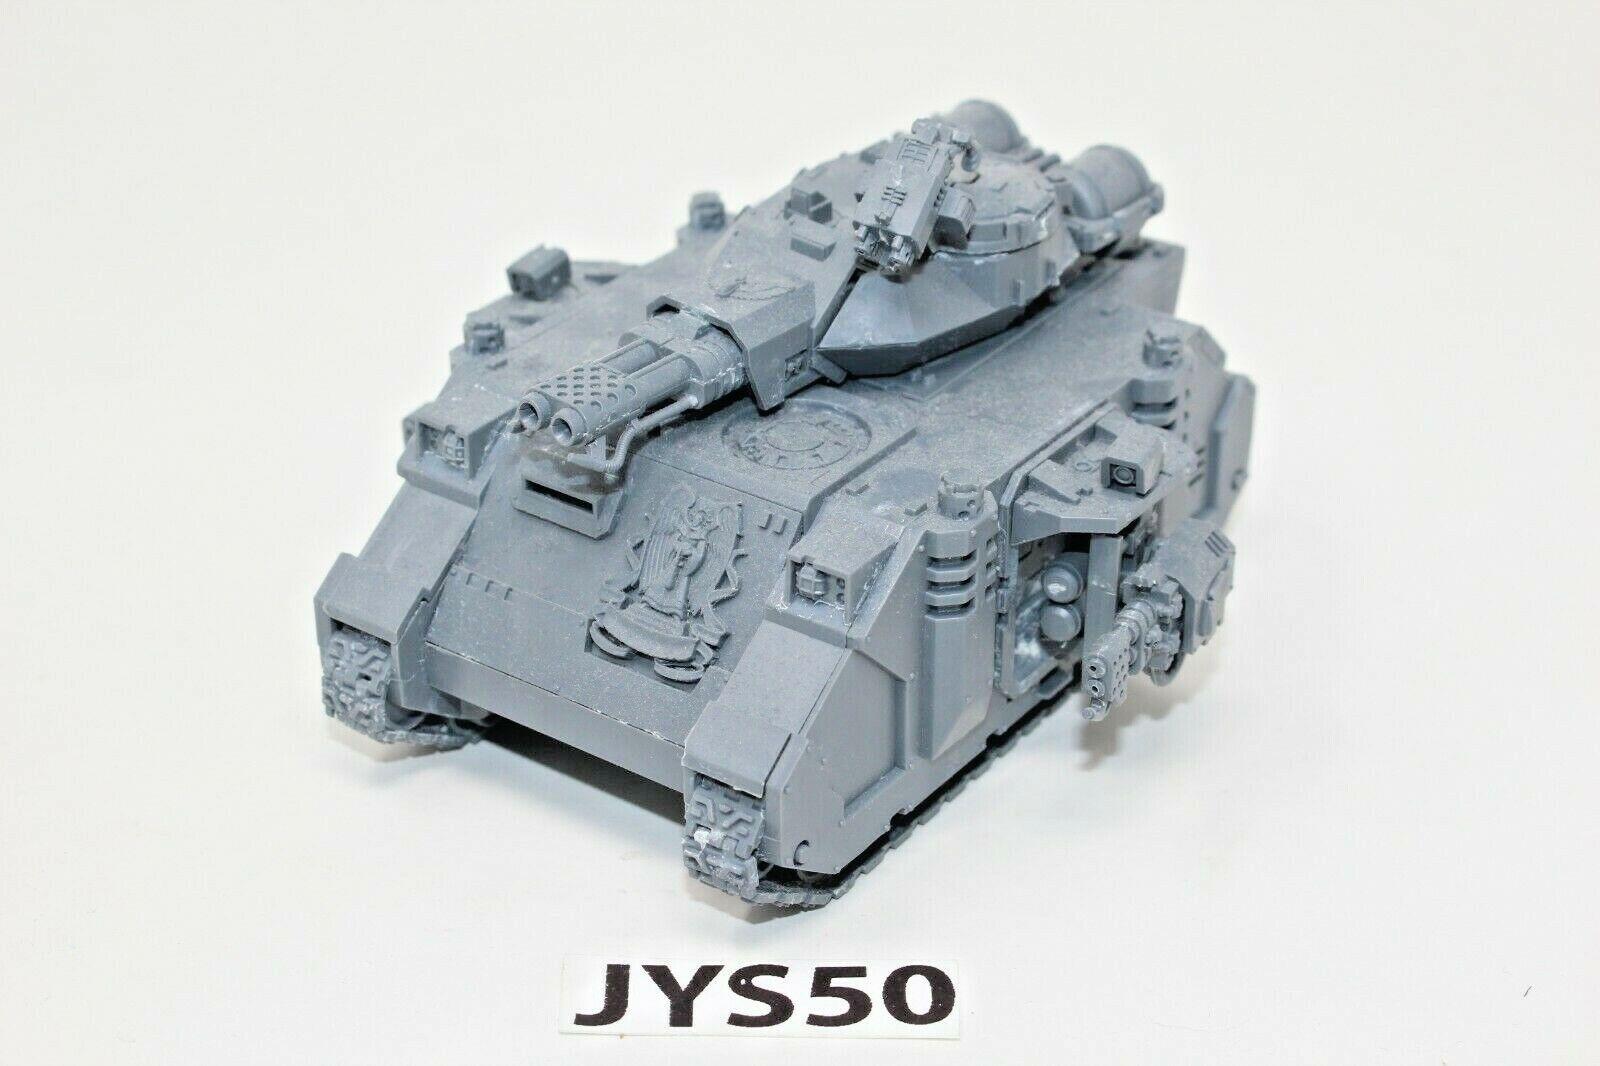 Warhammer Space Marines Blood Angels Baal Predator - JYS50